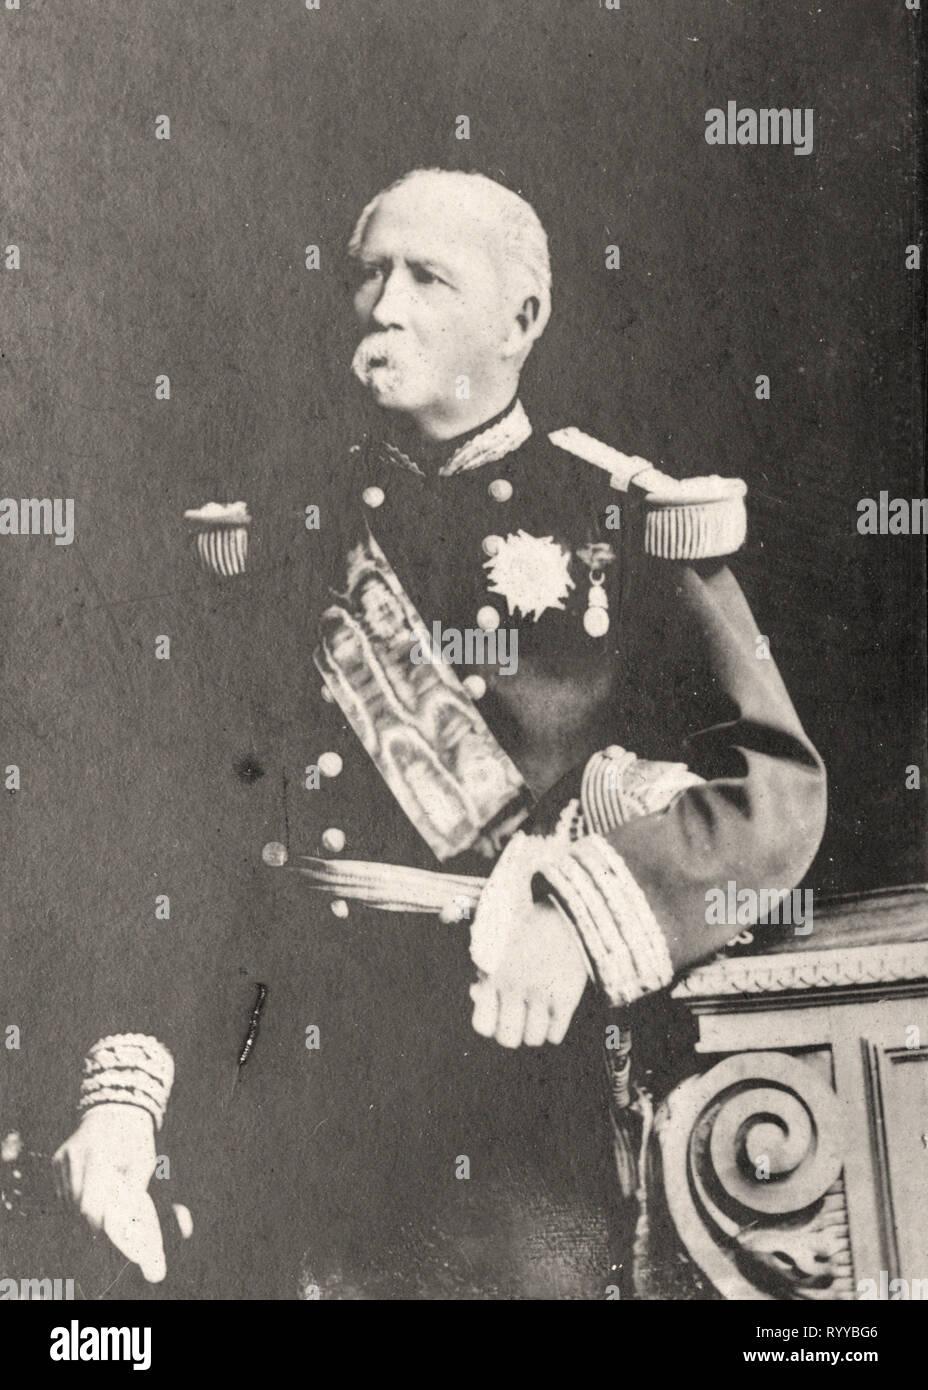 Retrato fotográfico de Mac Mahon desde la colección Félix Potin, de principios del siglo XX. Foto de stock